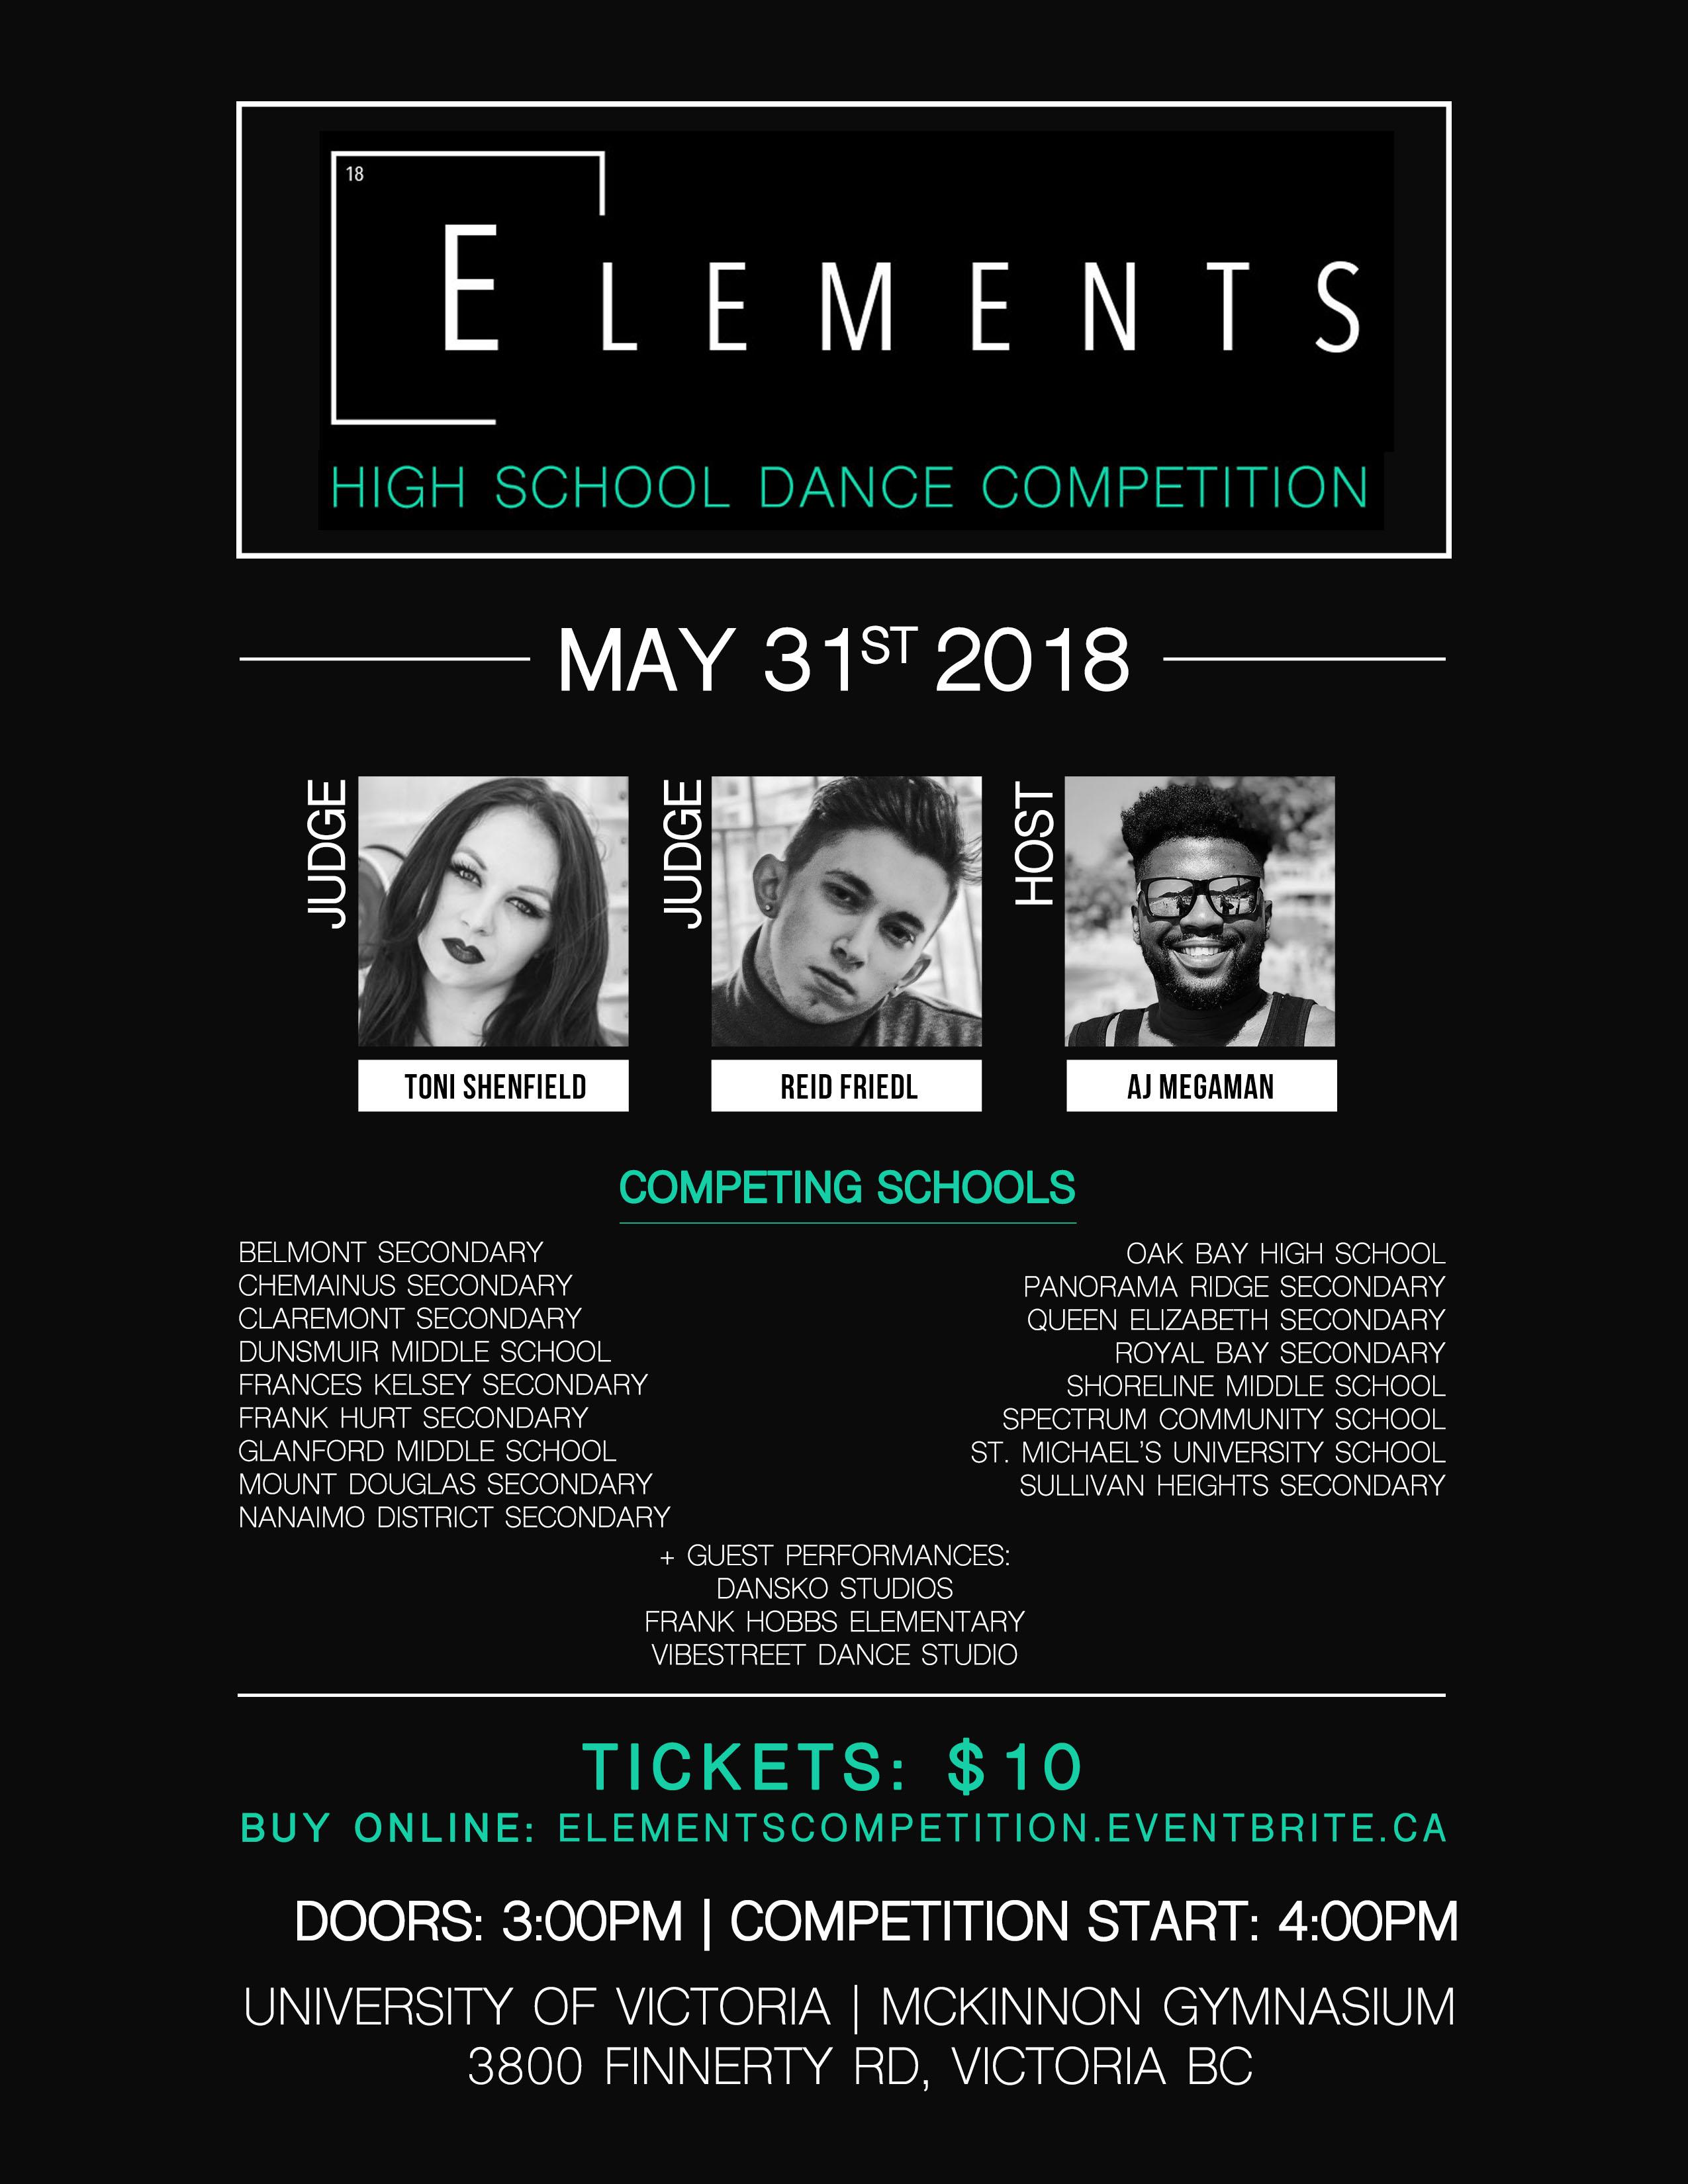 Elements Flyer